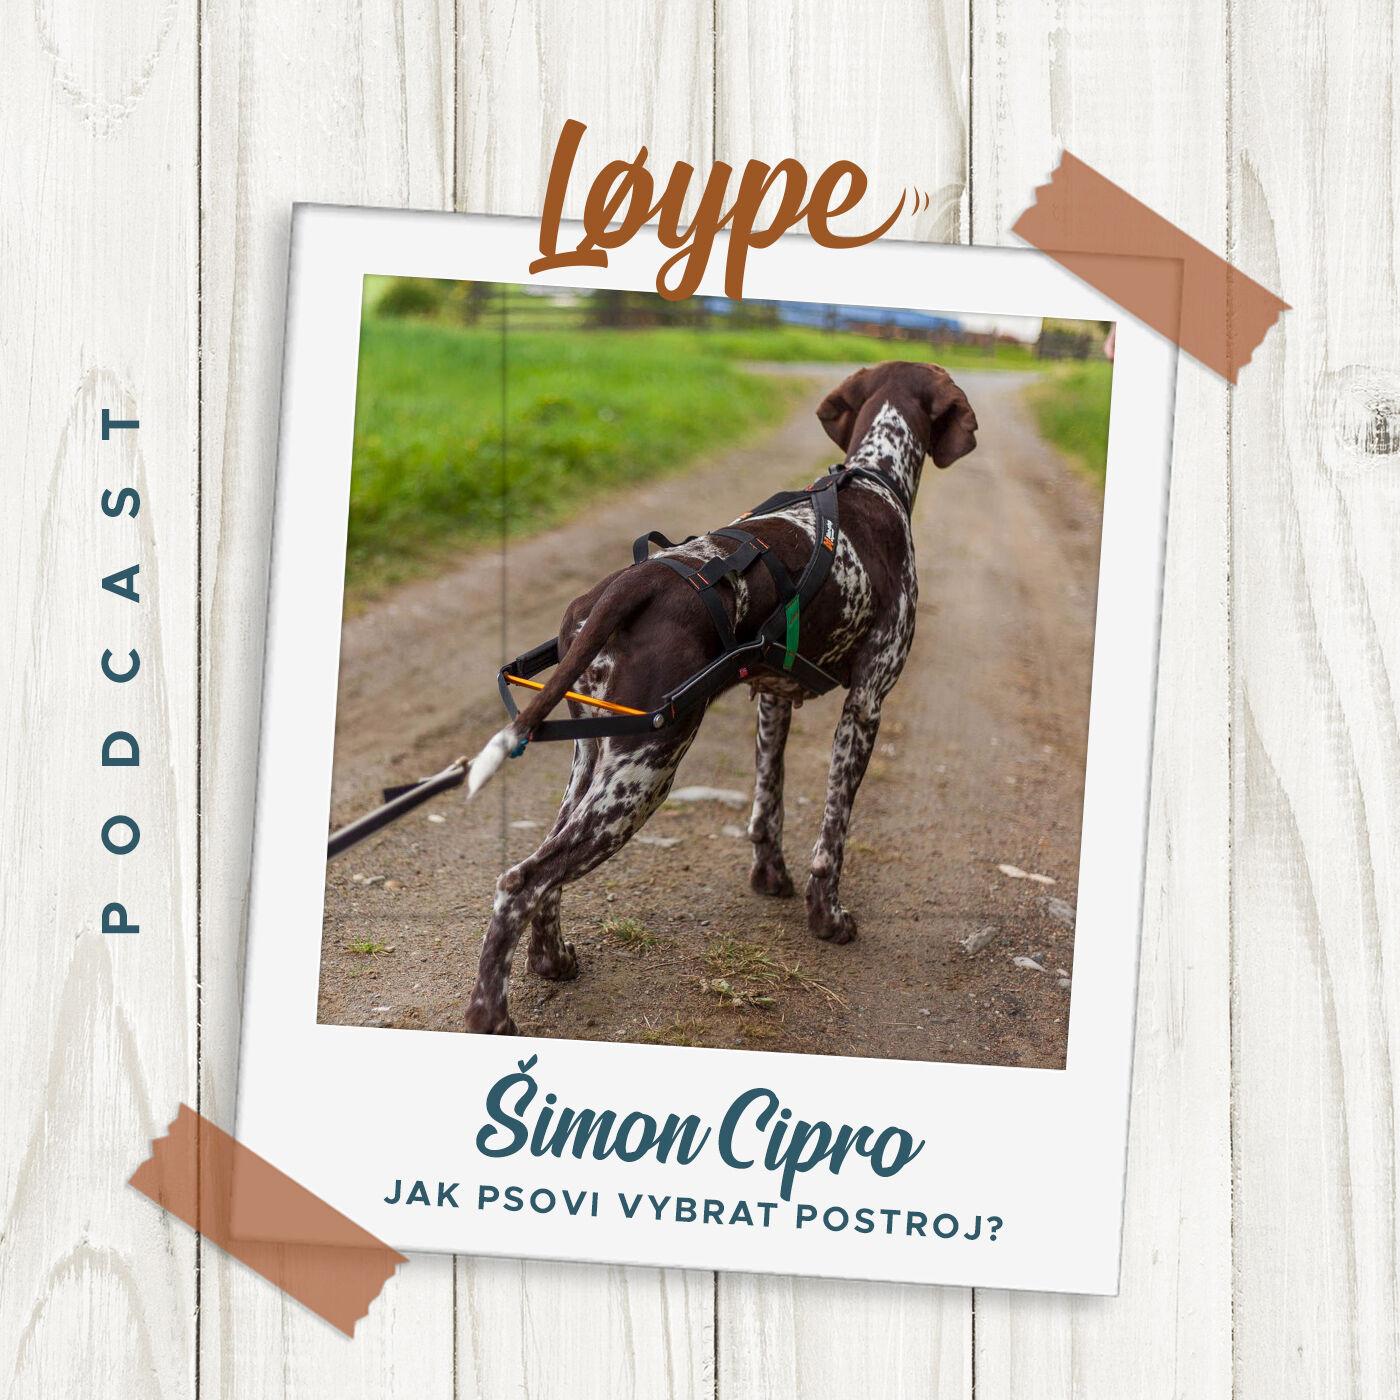 07 | Jak psovi vybrat postroj? | Šimon Cipro